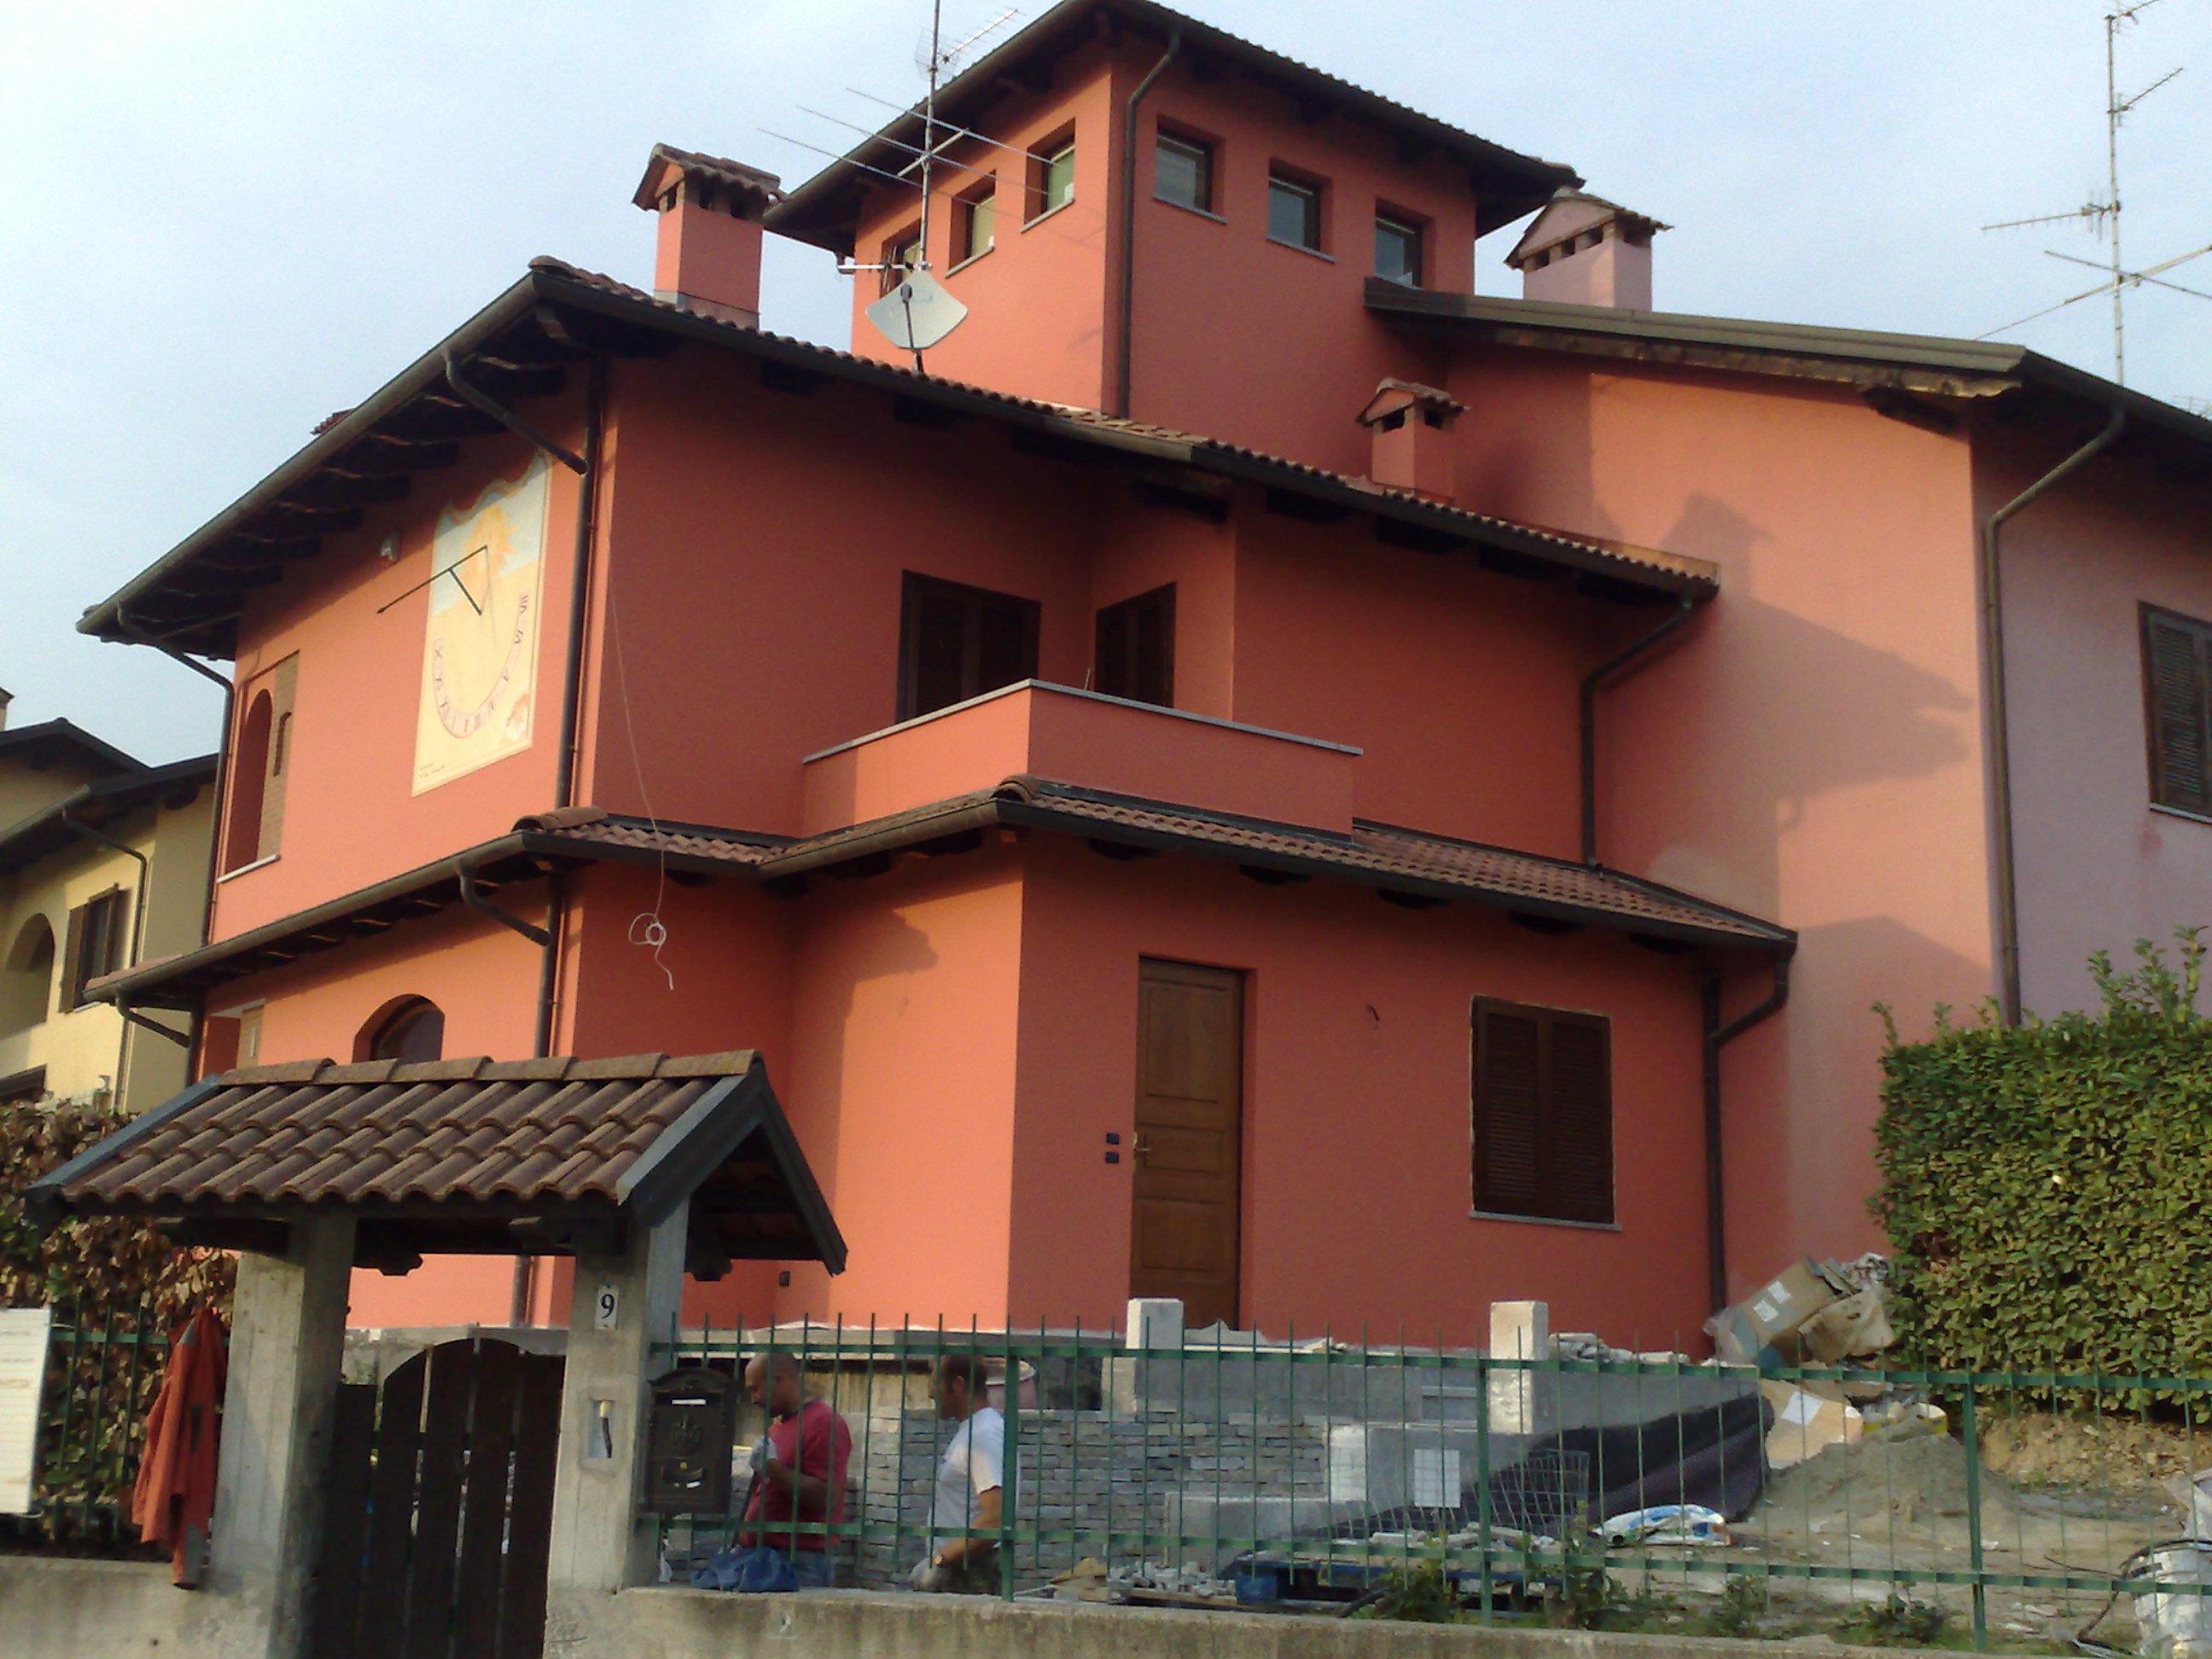 Tinteggiare casa esterno colori wq46 regardsdefemmes - Colore esterno casa campagna ...